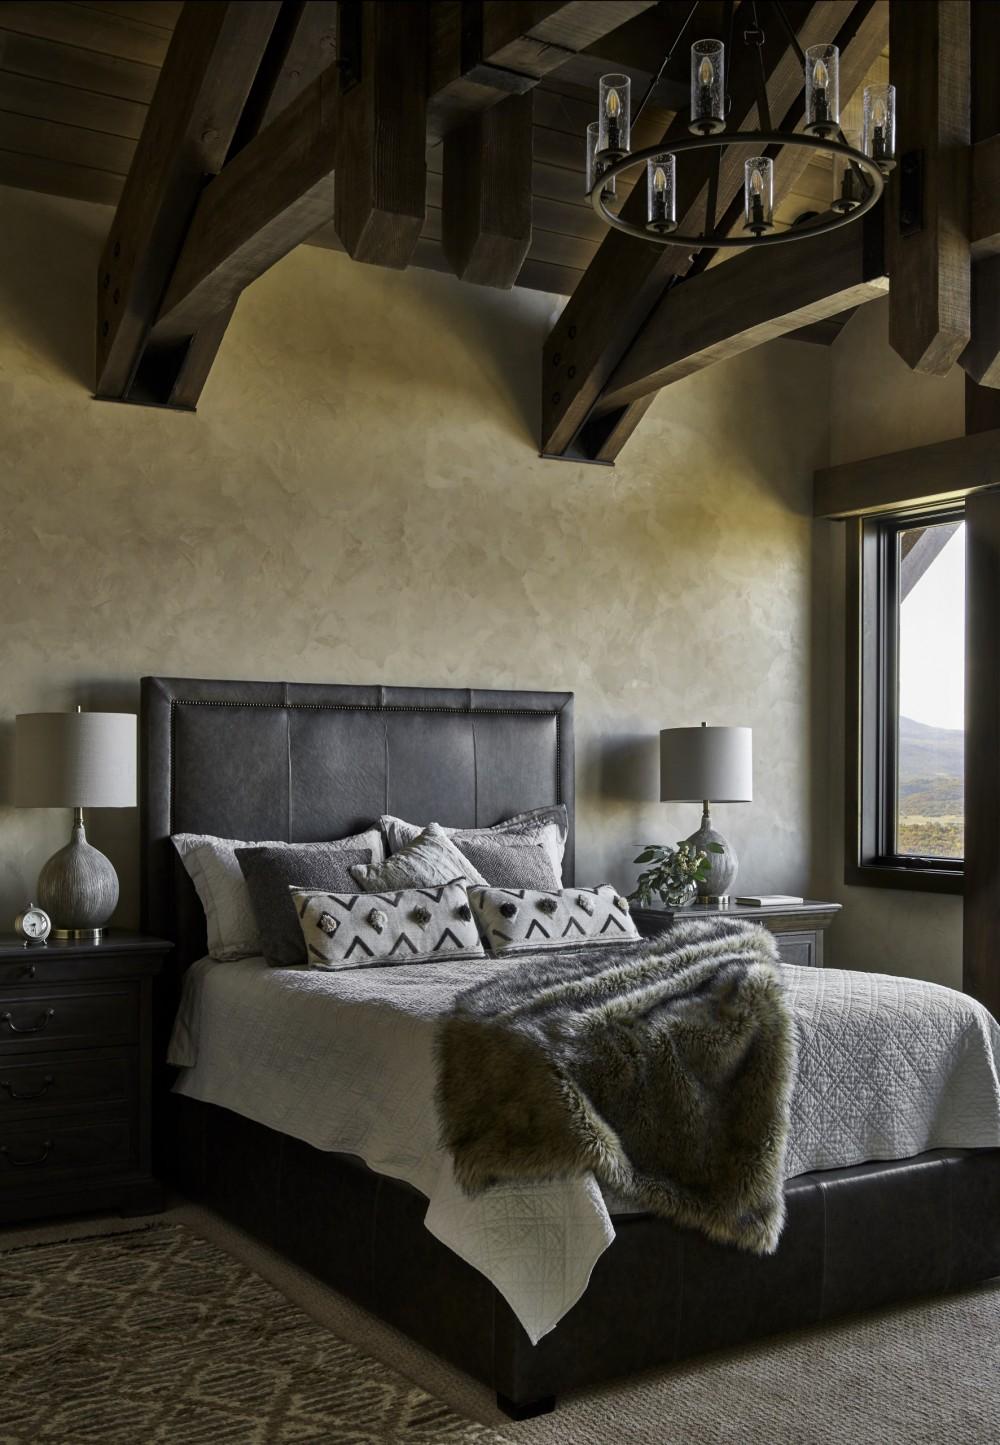 Vertical Arts Kimble 09 22 20 Master Bedroom 200mb